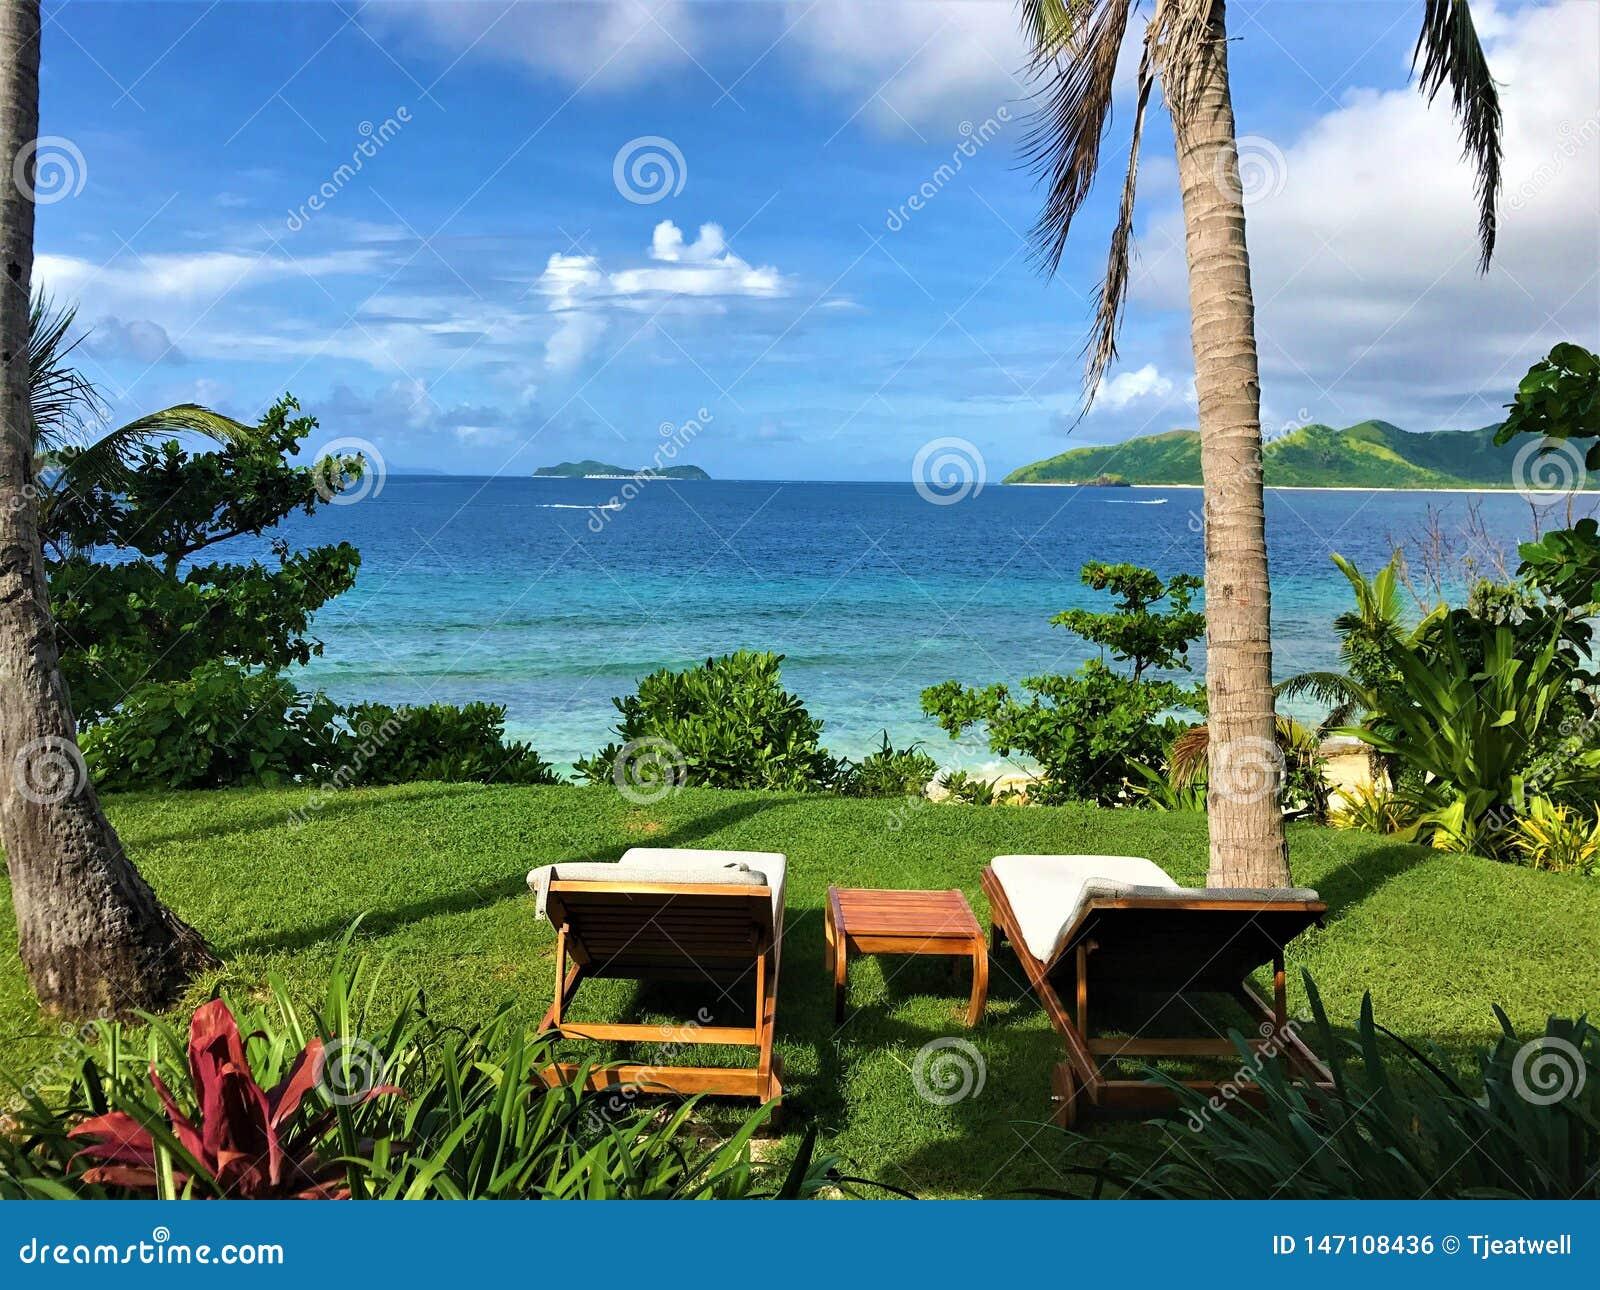 Tropische heraus schauende und entspannende Szene